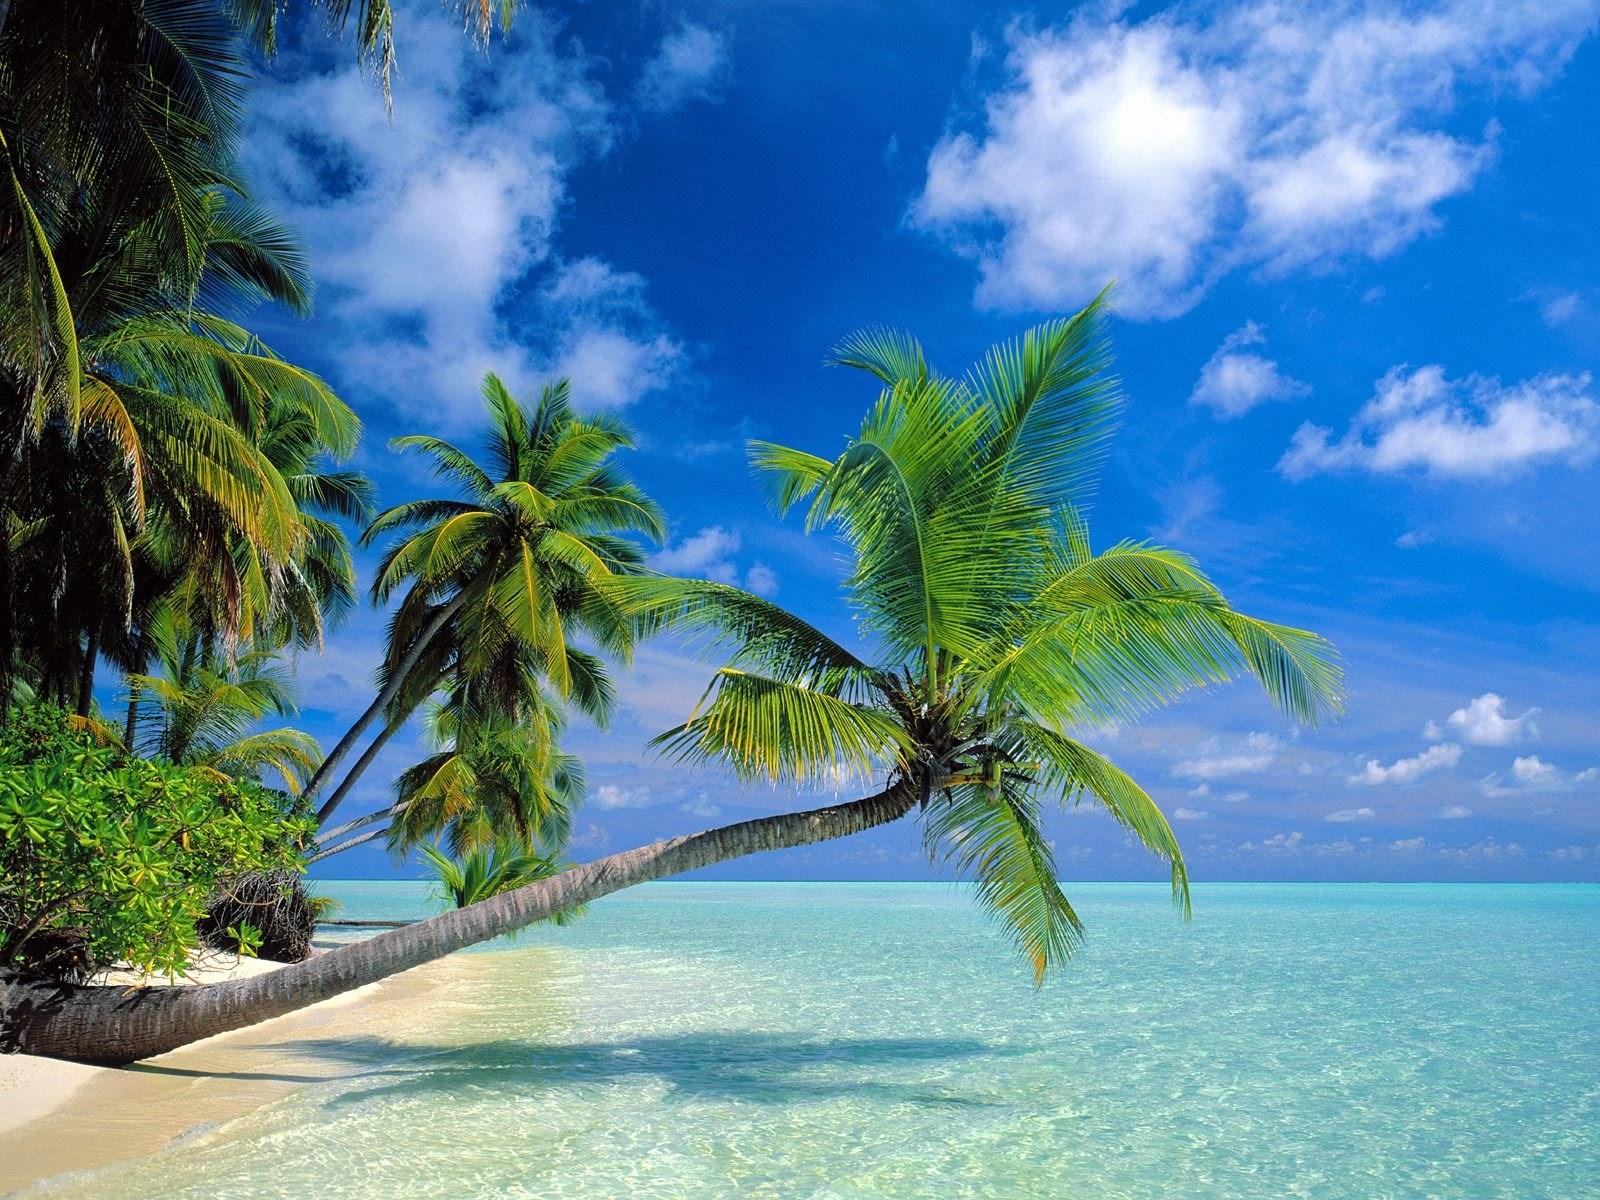 Ảnh cây dừa ngát xanh